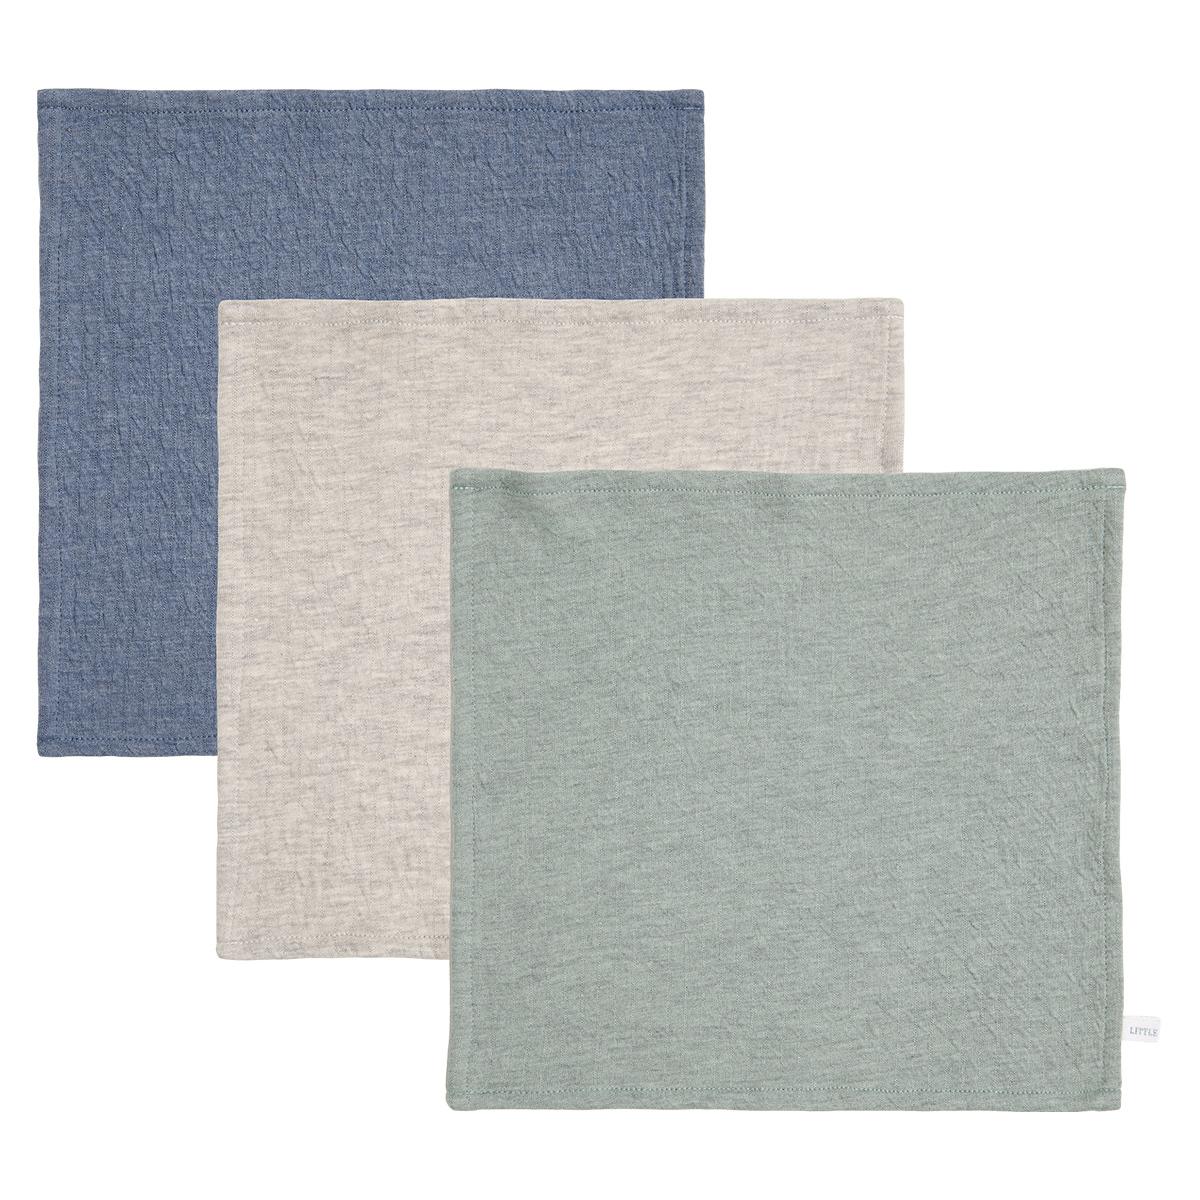 Gant de toilette Lot de 3 Lingettes Pure - Blue, Grey & Mint Lot de 3 Lingettes Pure - Blue, Grey & Mint